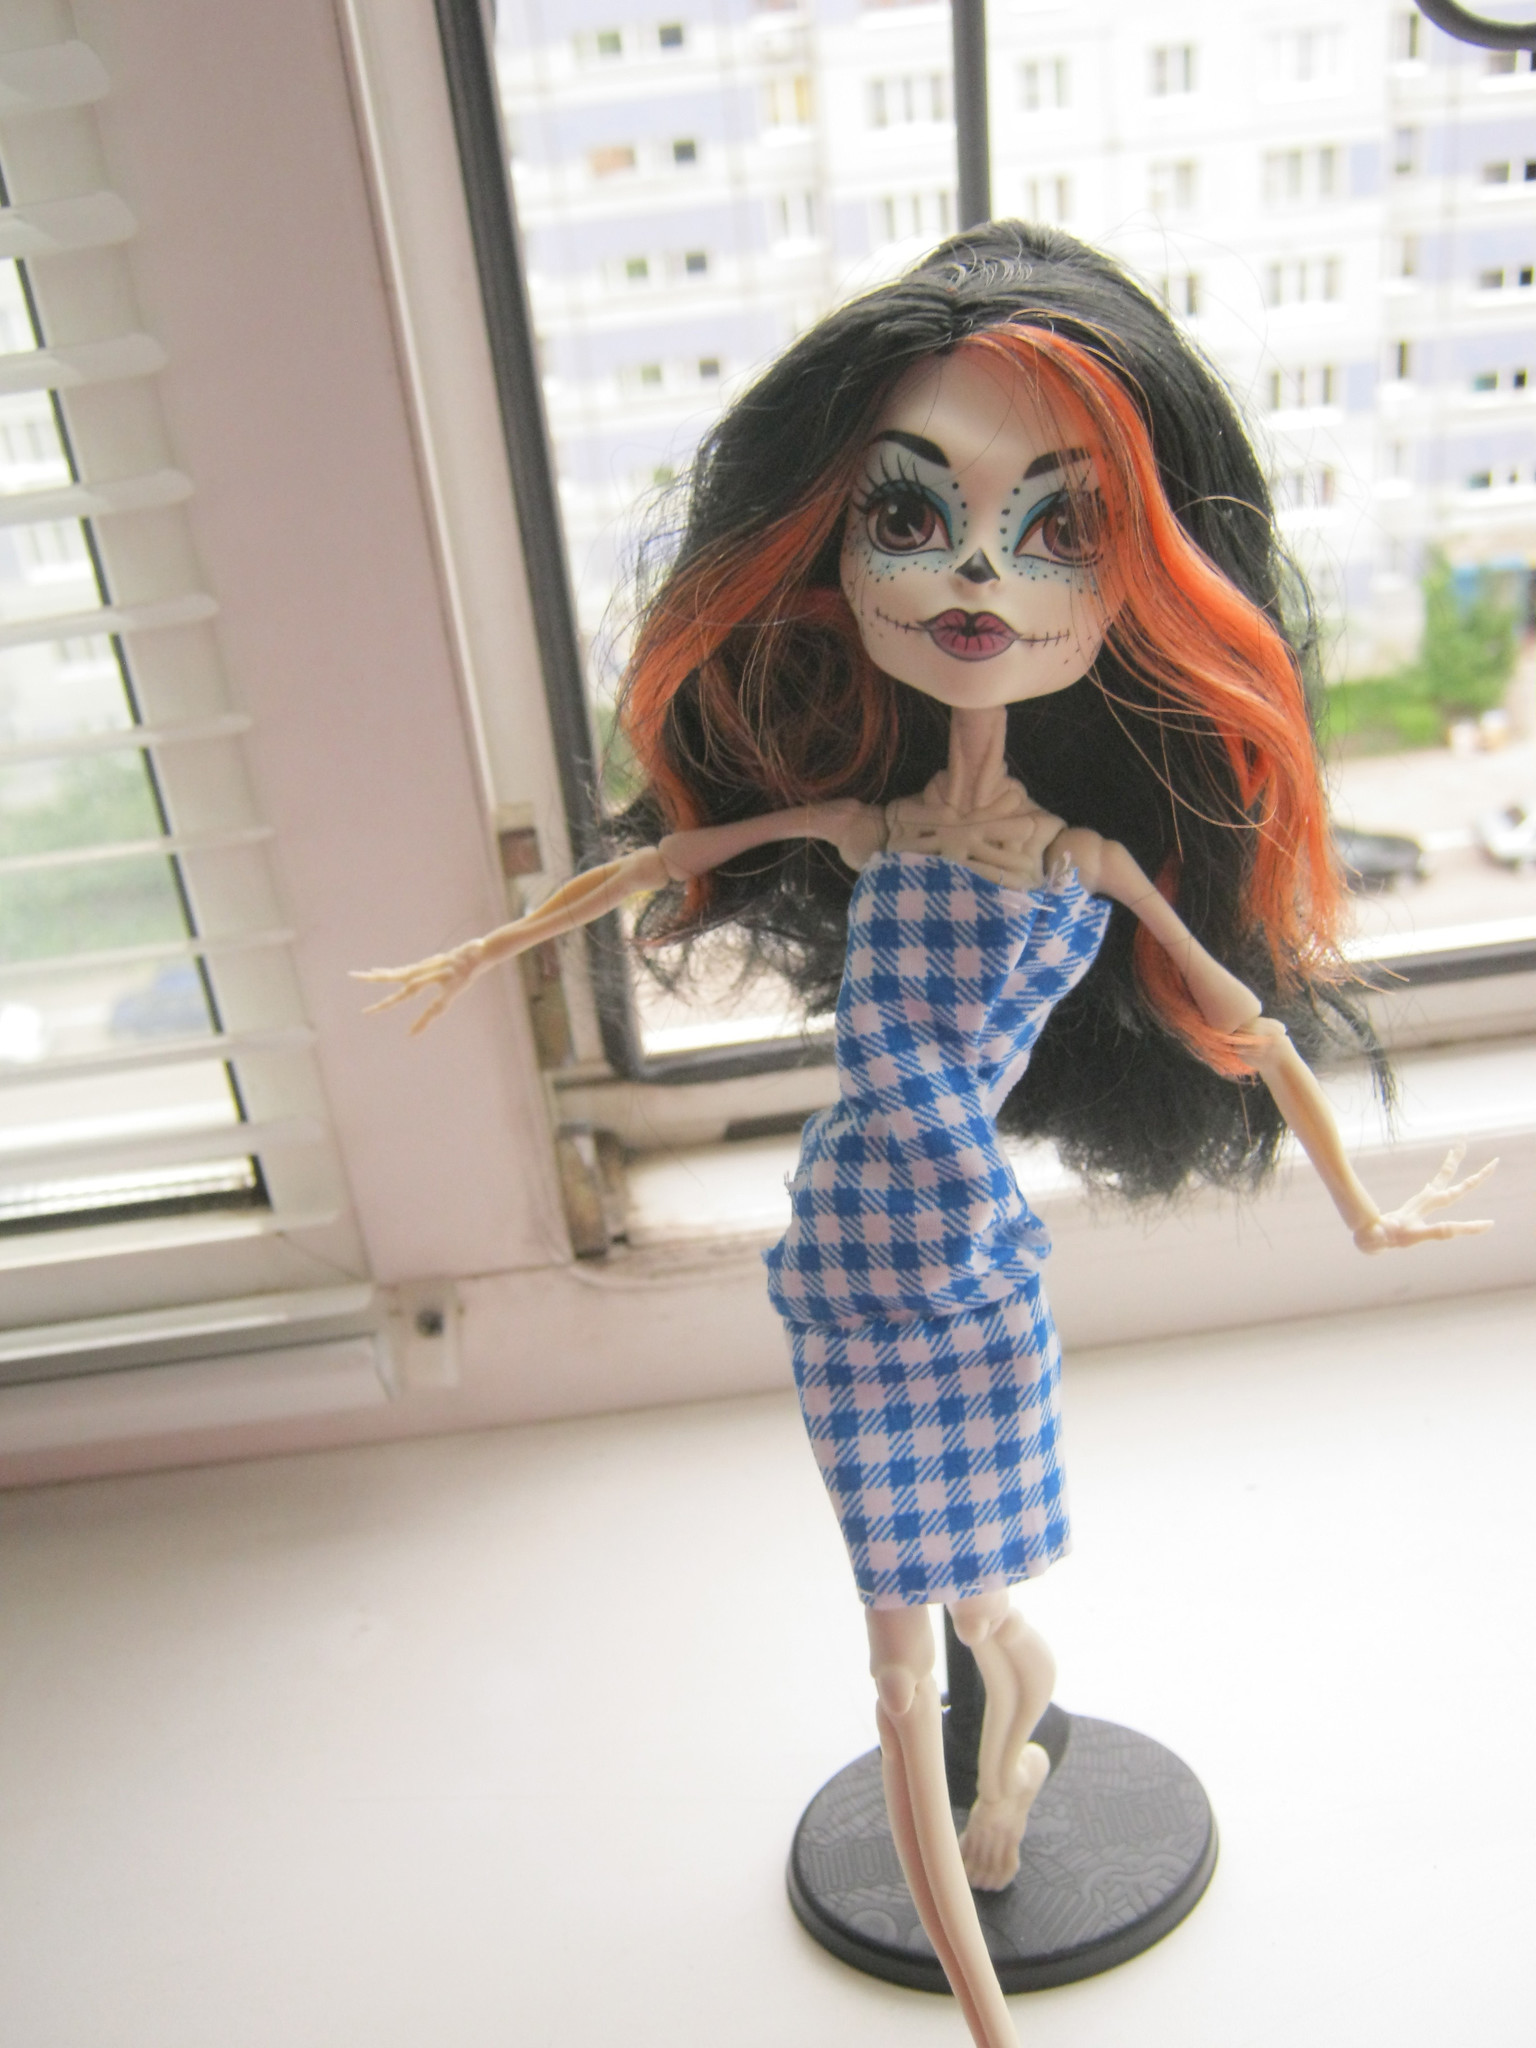 Как сделать вещи для кукол своими руками, телевизор, чемодан 51